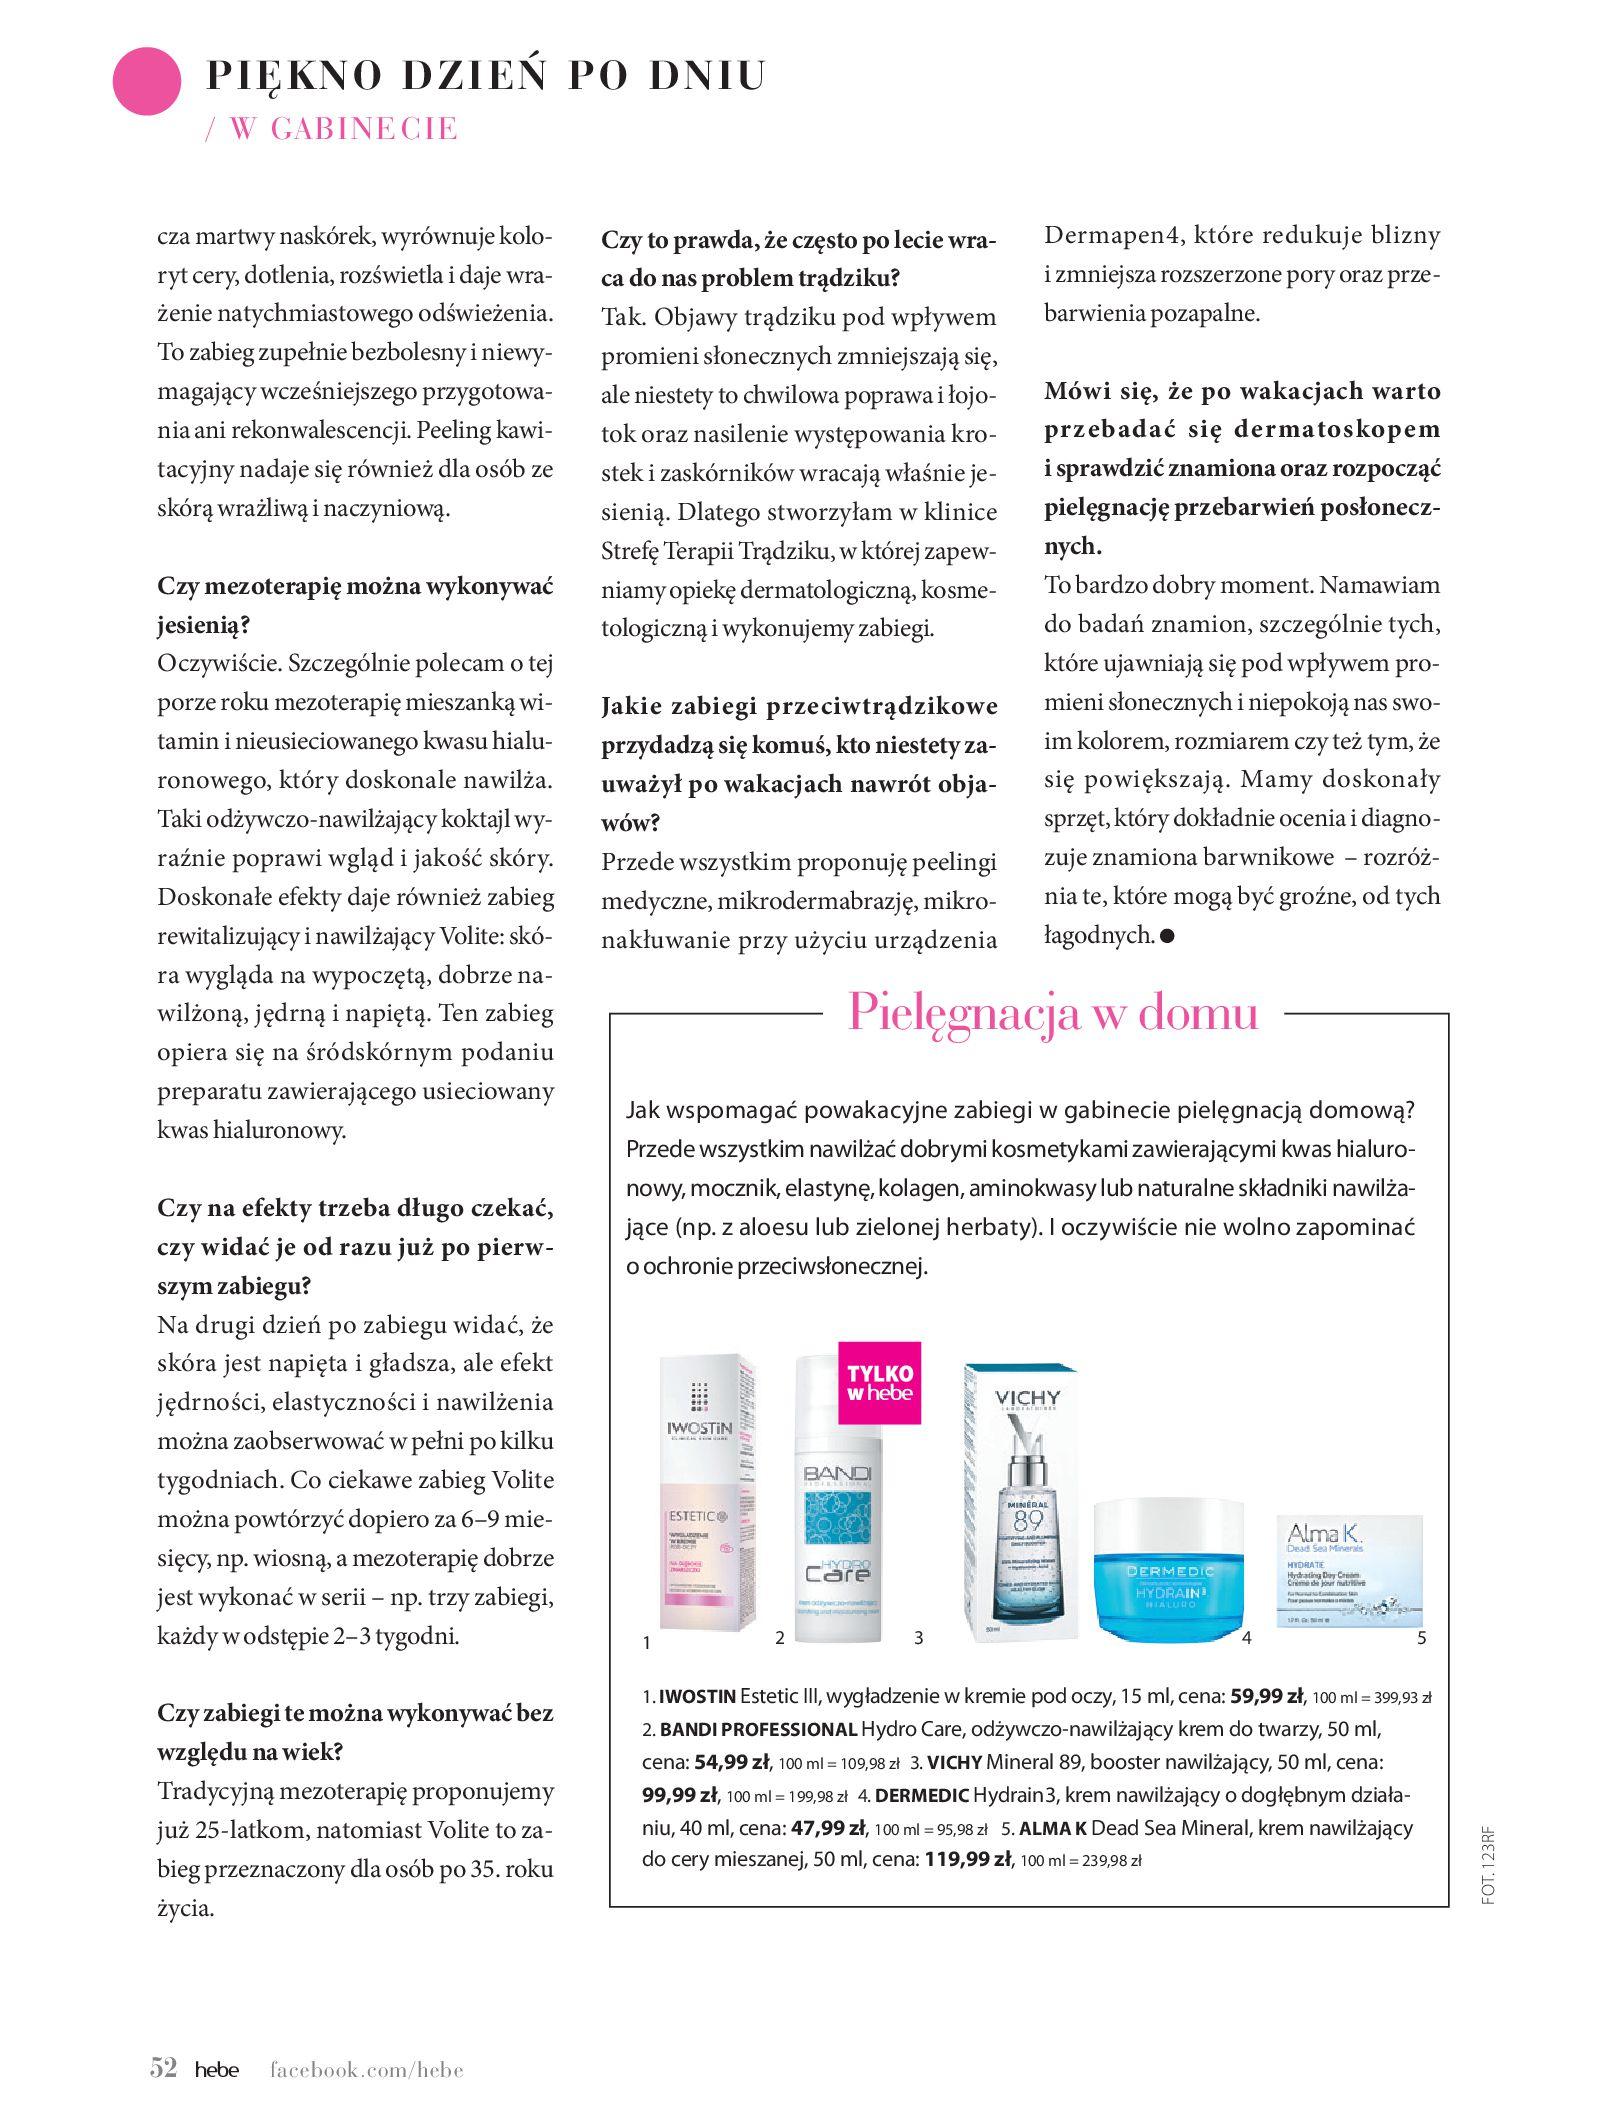 Gazetka hebe: Magazyn hebe - TURBO nawilżanie po urlopie 2021-09-01 page-52